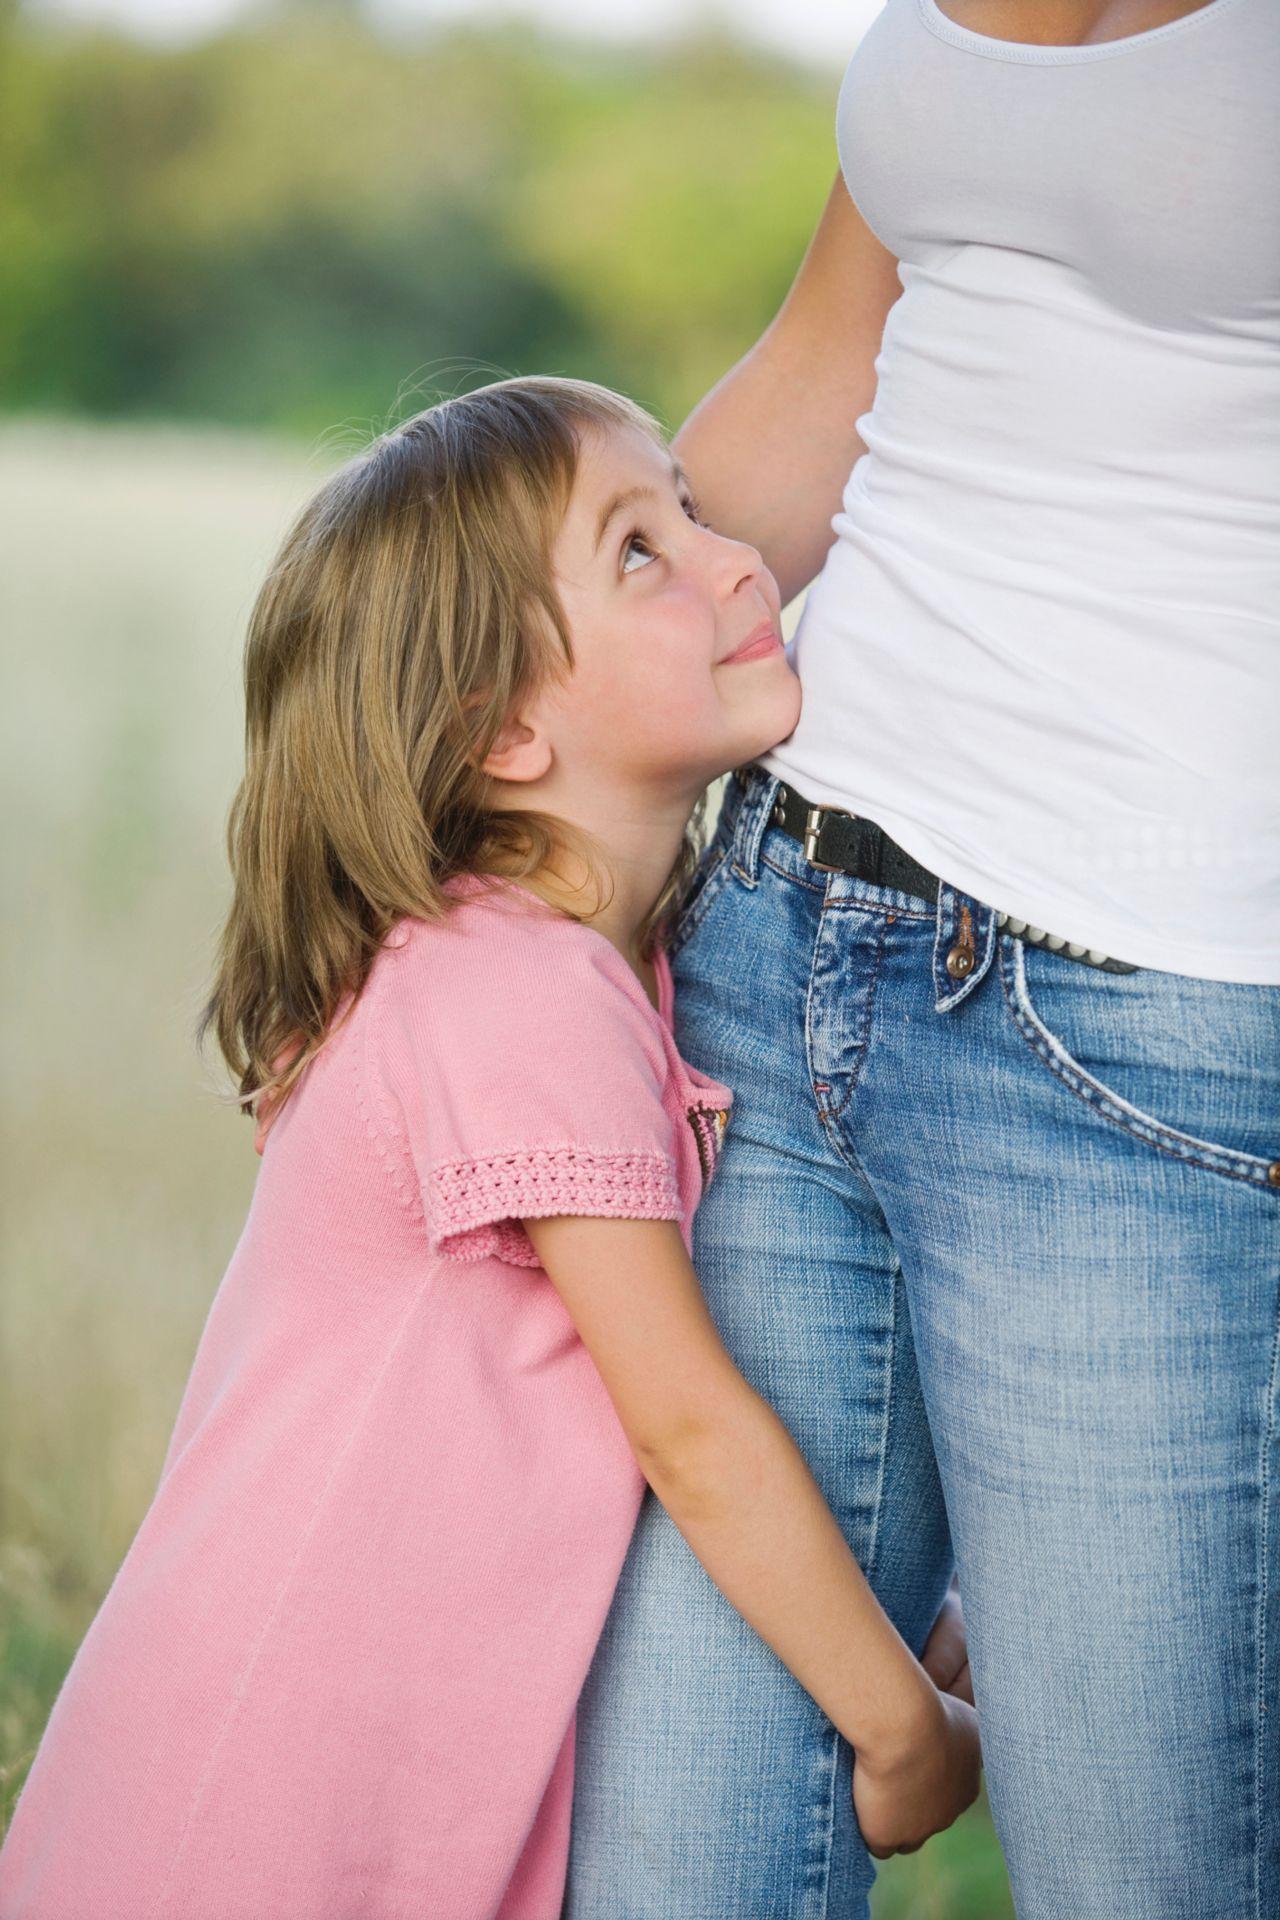 The Needs of Children in Divorce Cases